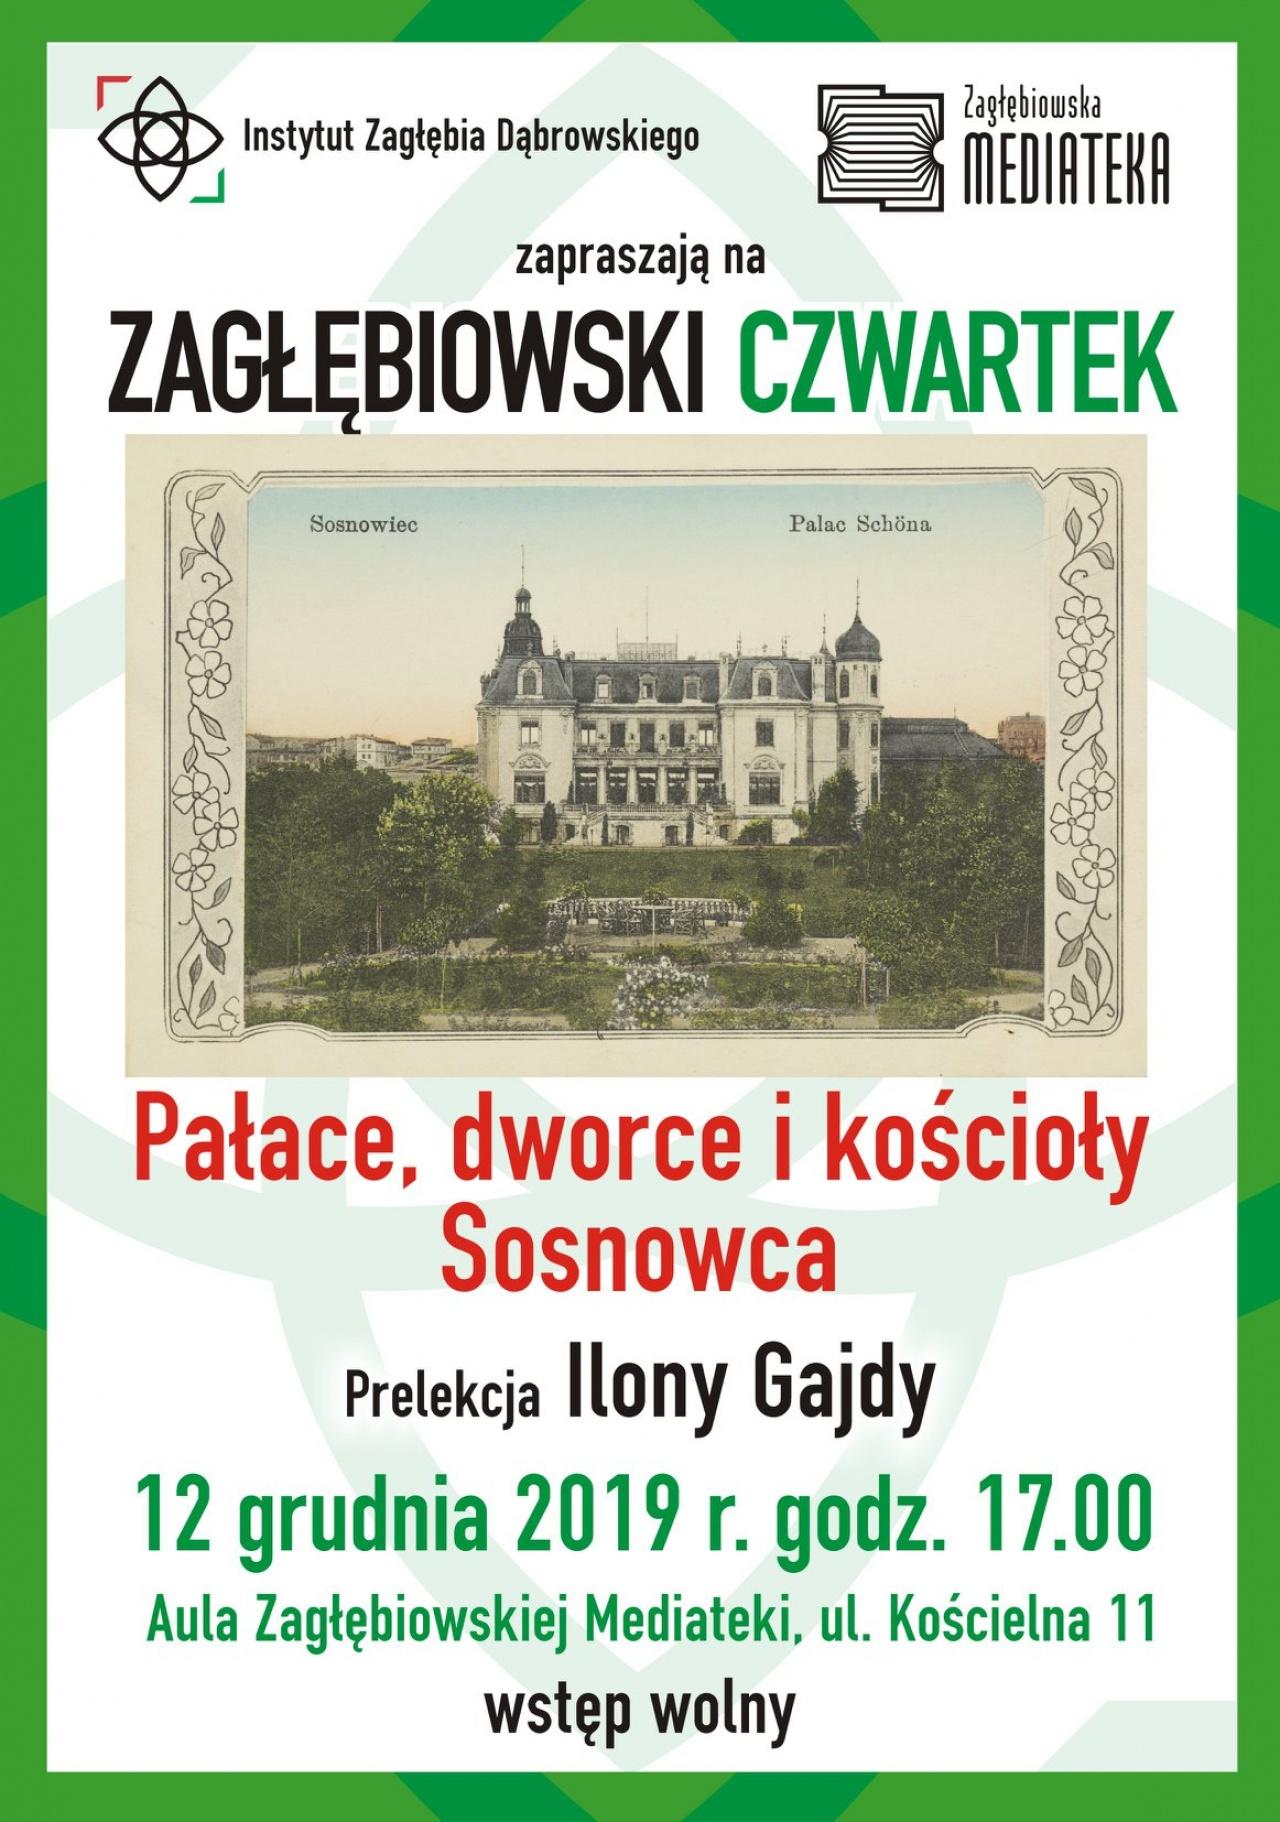 Zagłębiowski czwartek